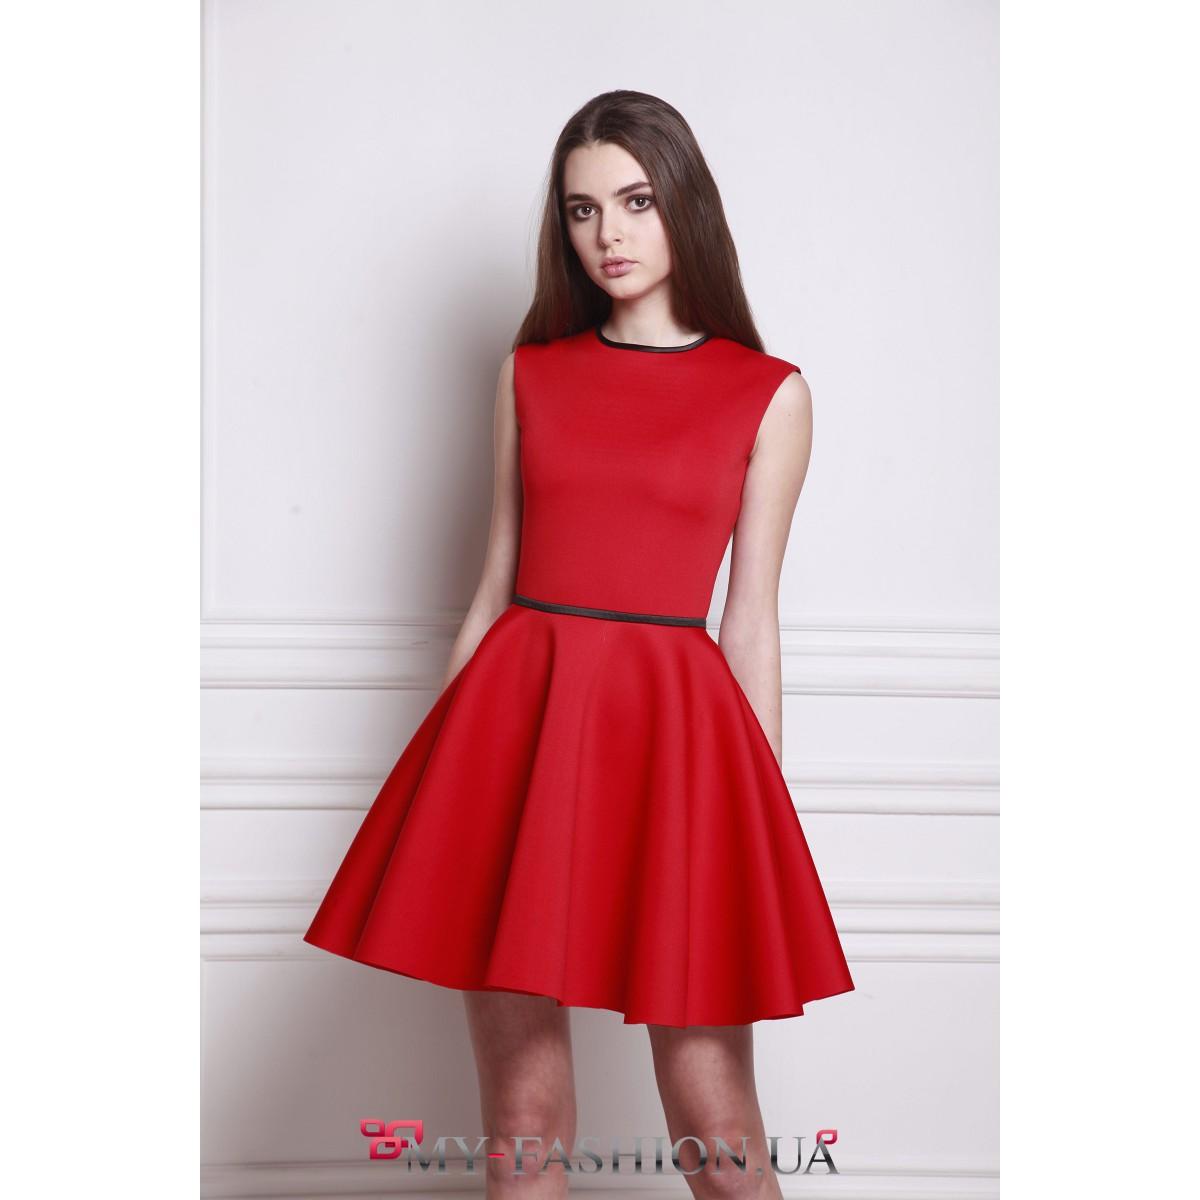 ee4ca739281 Ярко-красное платье с пышной юбкой купить в интернет магазине в ...